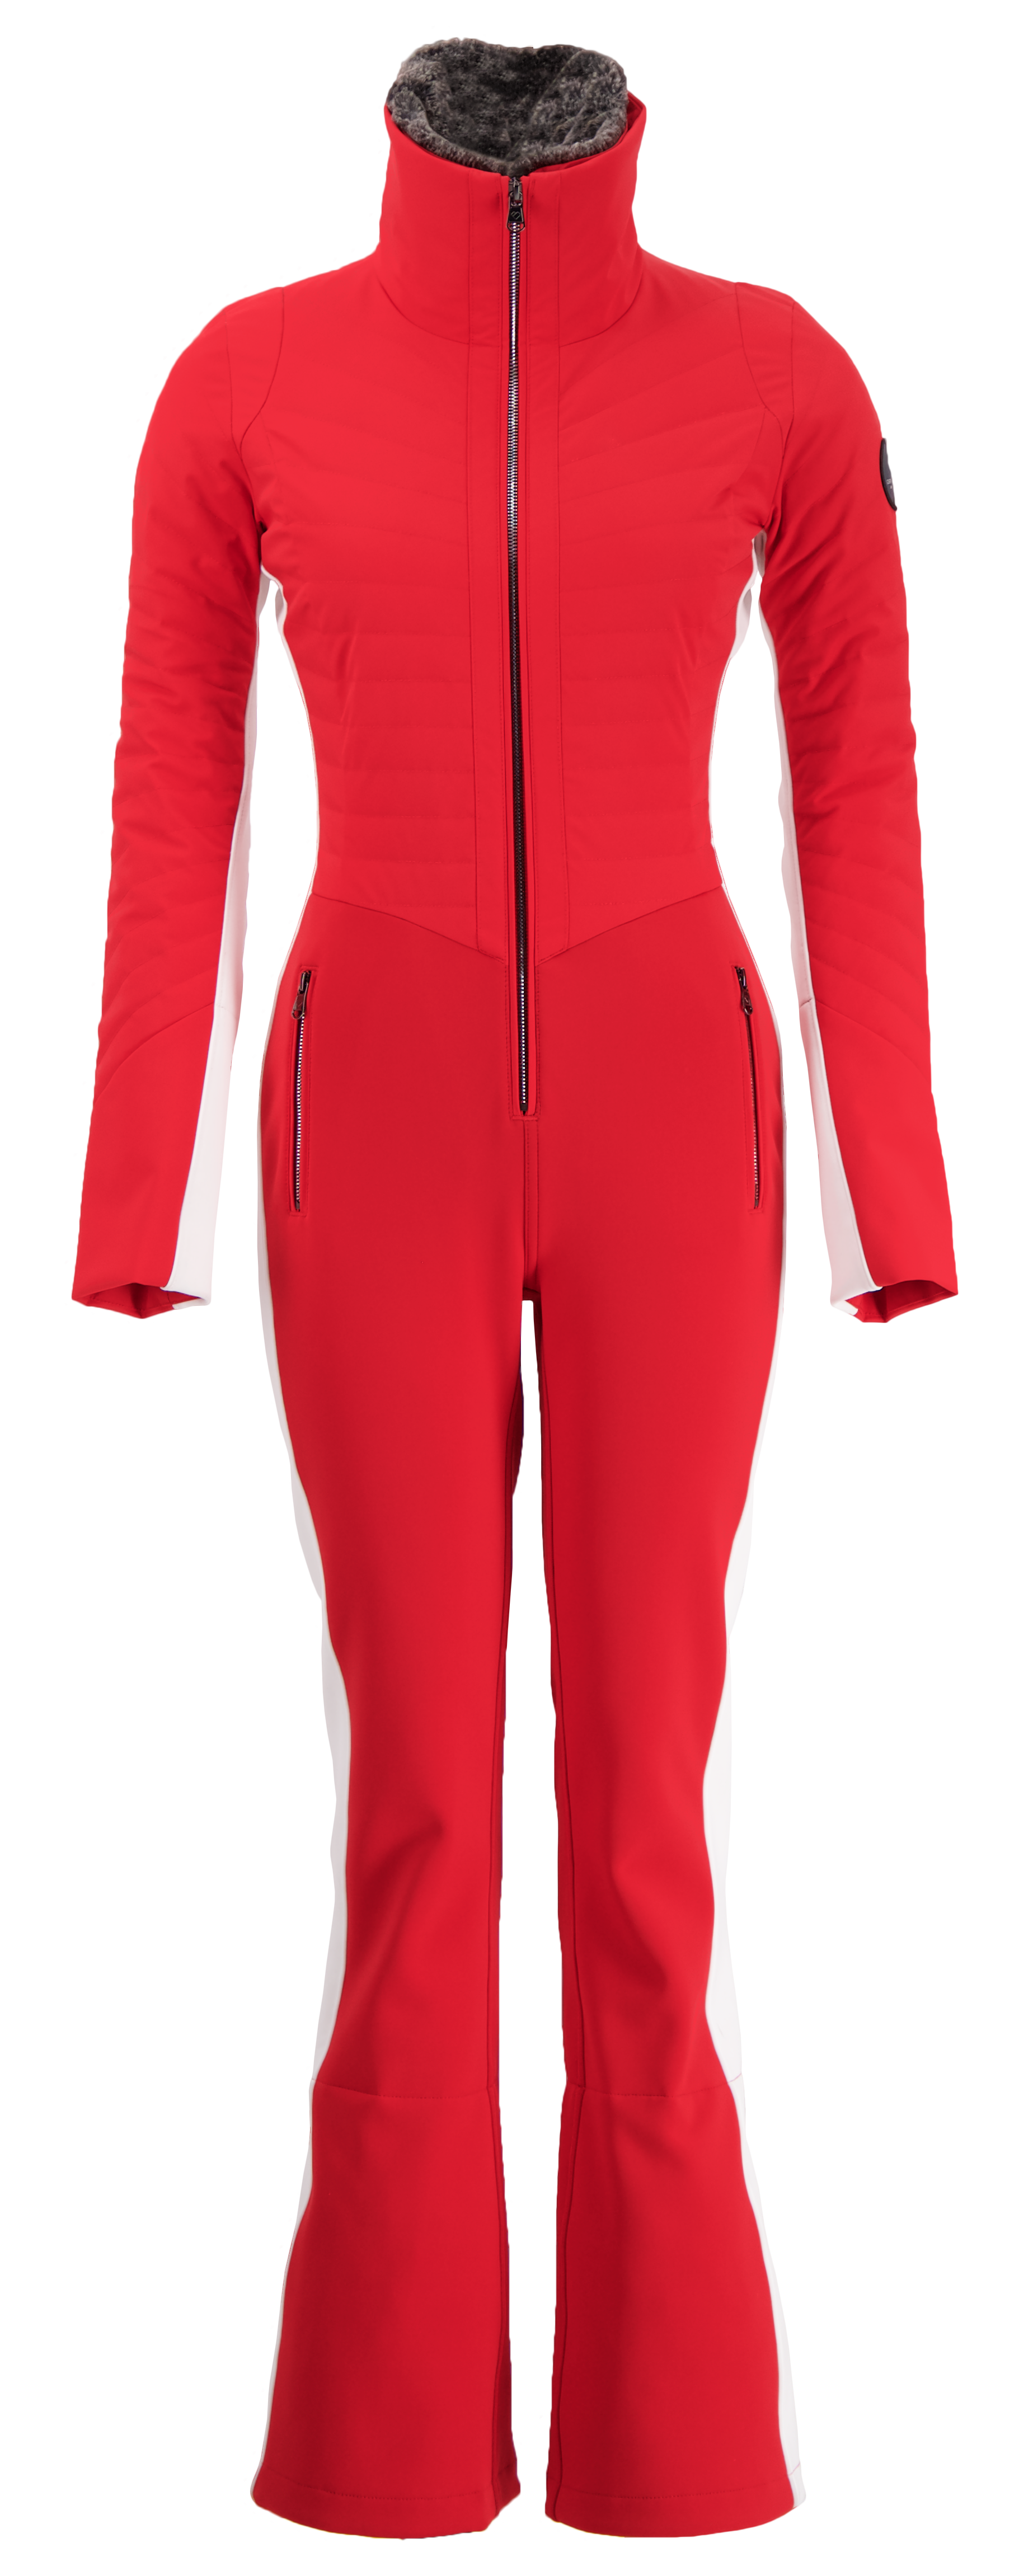 Briko Icarus Racing